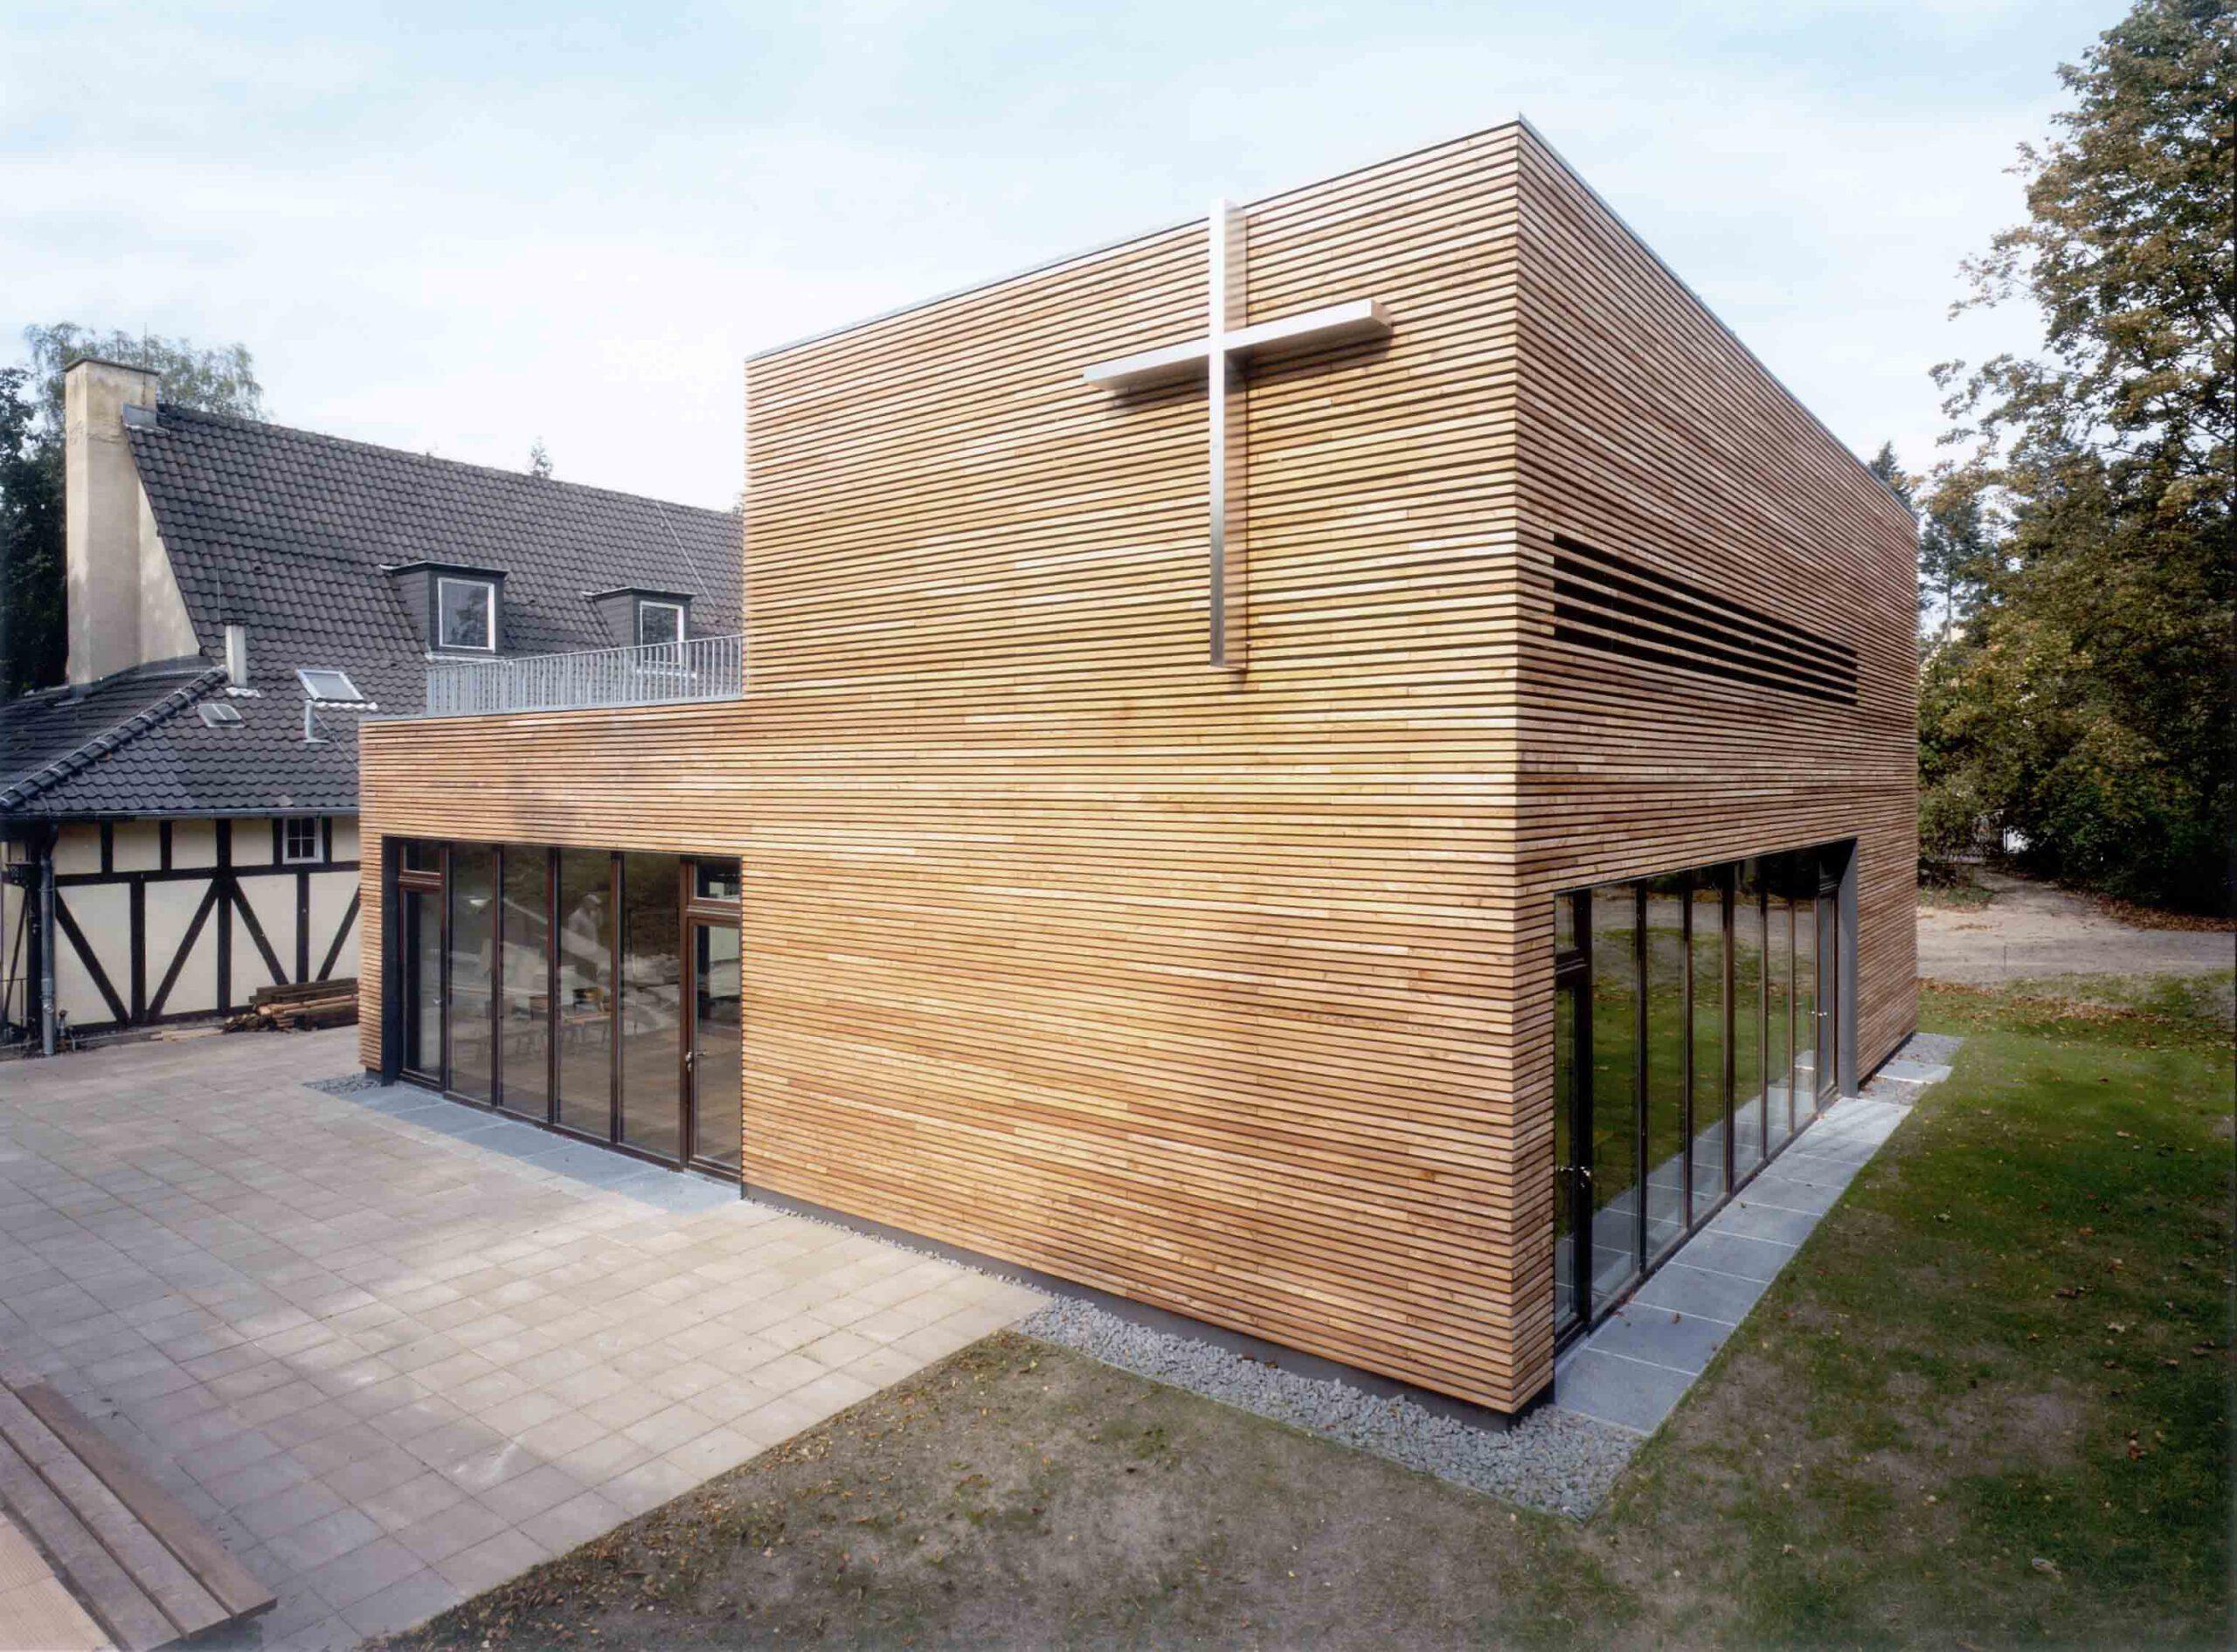 Erweiterungsbau mit denkmalgeschützter Kirche im Hintergrund